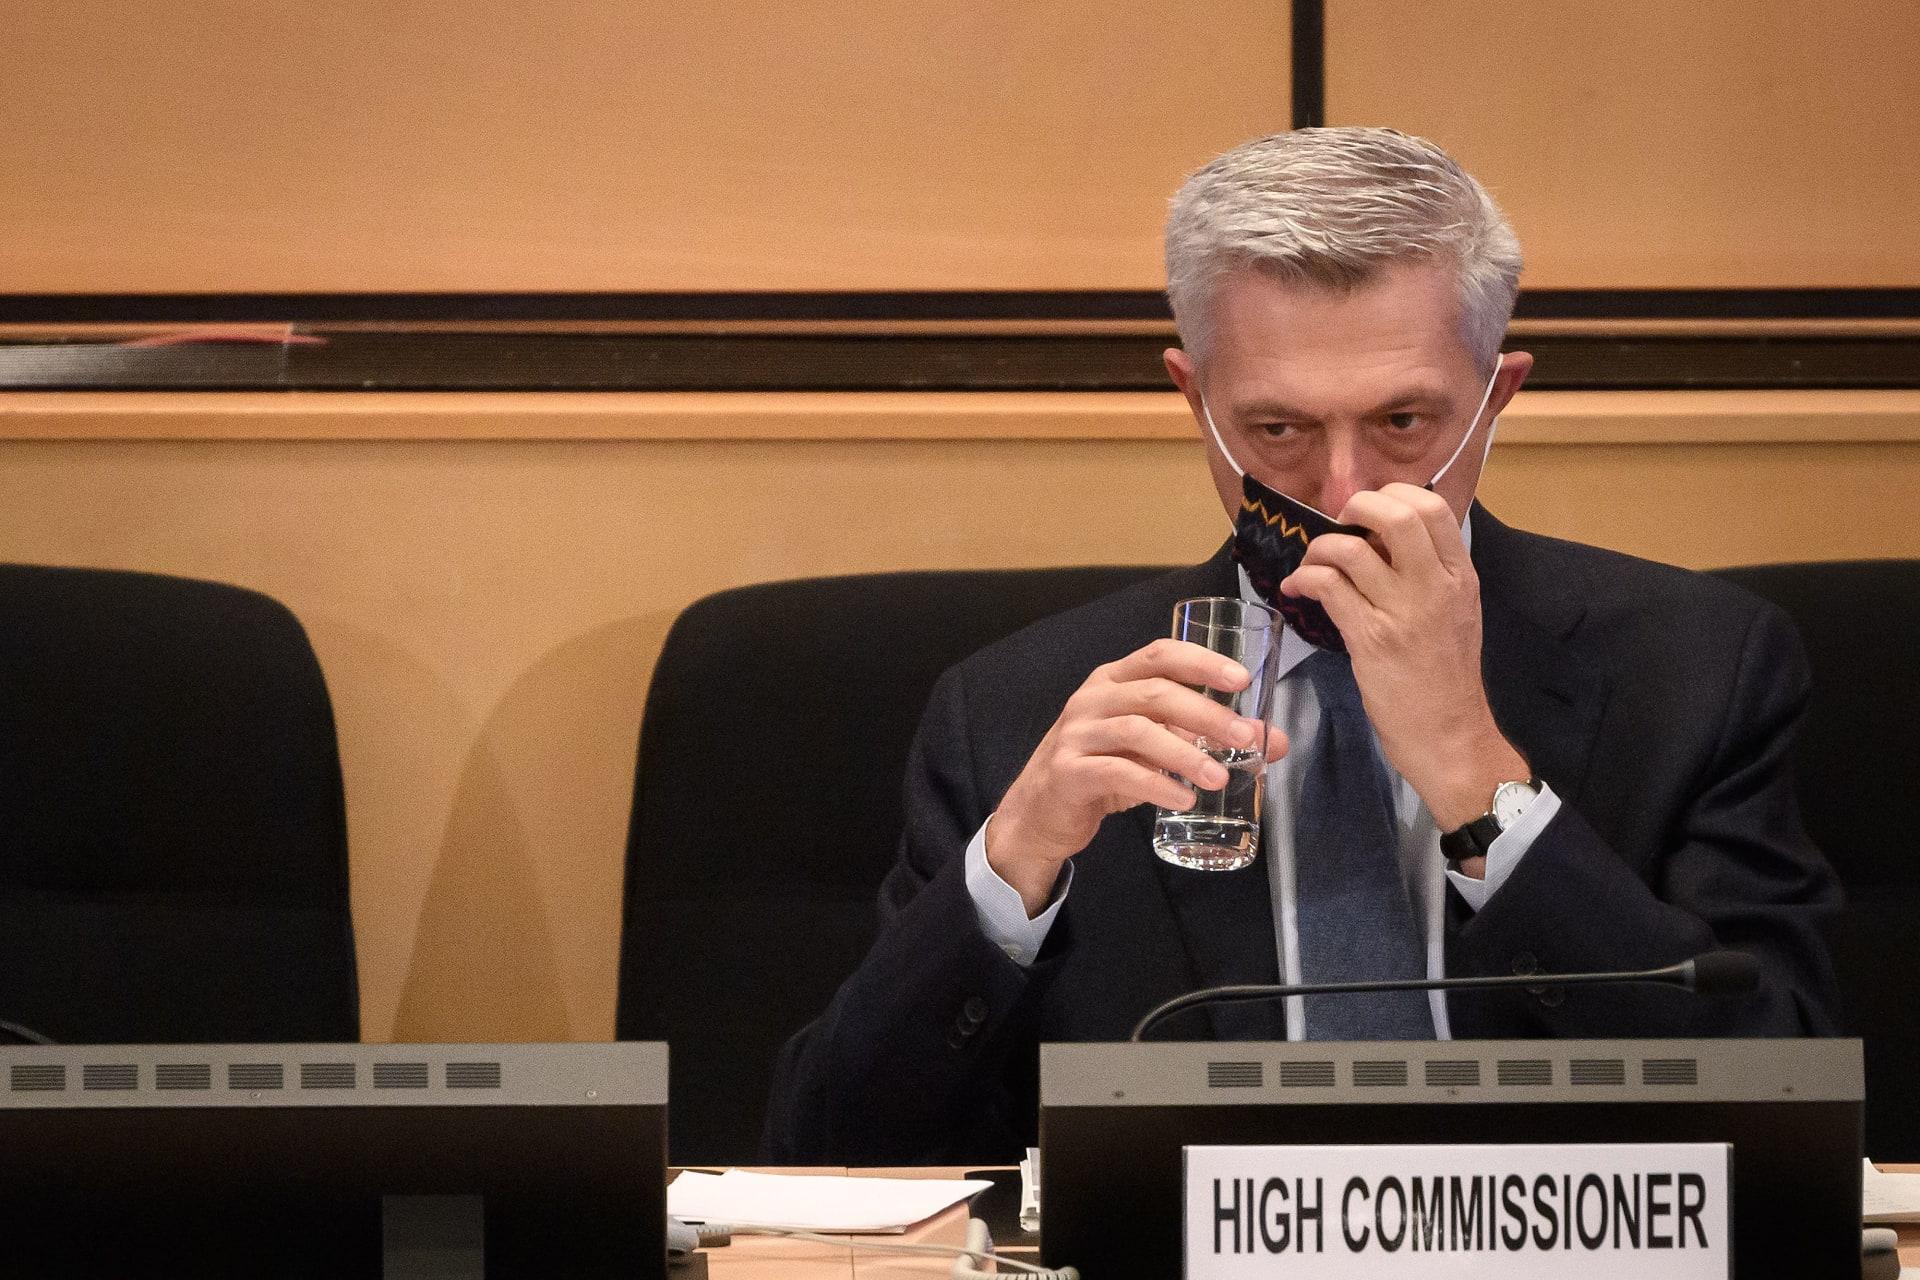 مفوض الأمم المتحدة لشؤون اللاجئين يعلن إصابته بفيروس كورونا